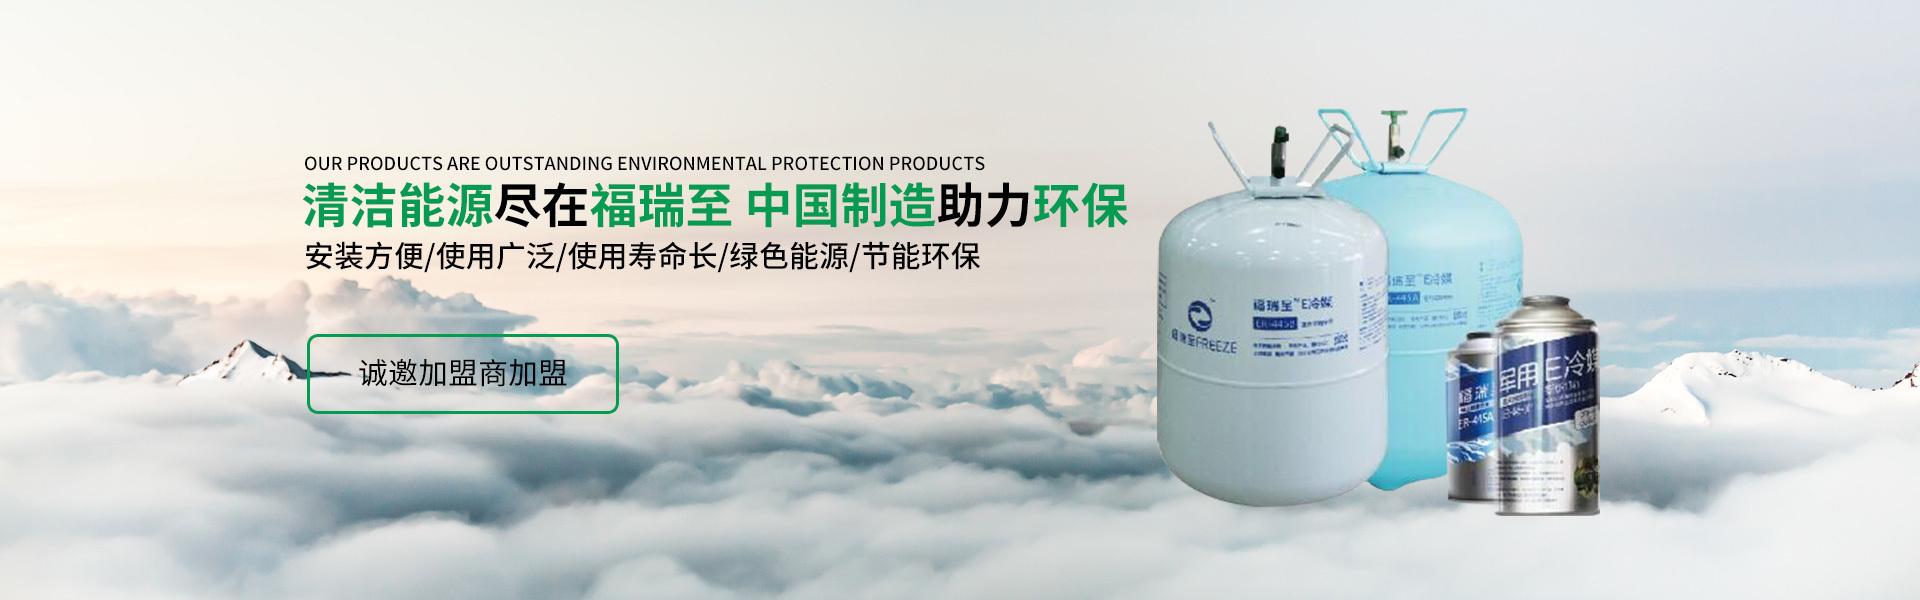 制冷剂批发,空调制冷剂厂家,新型冷媒,空调制冷剂代理